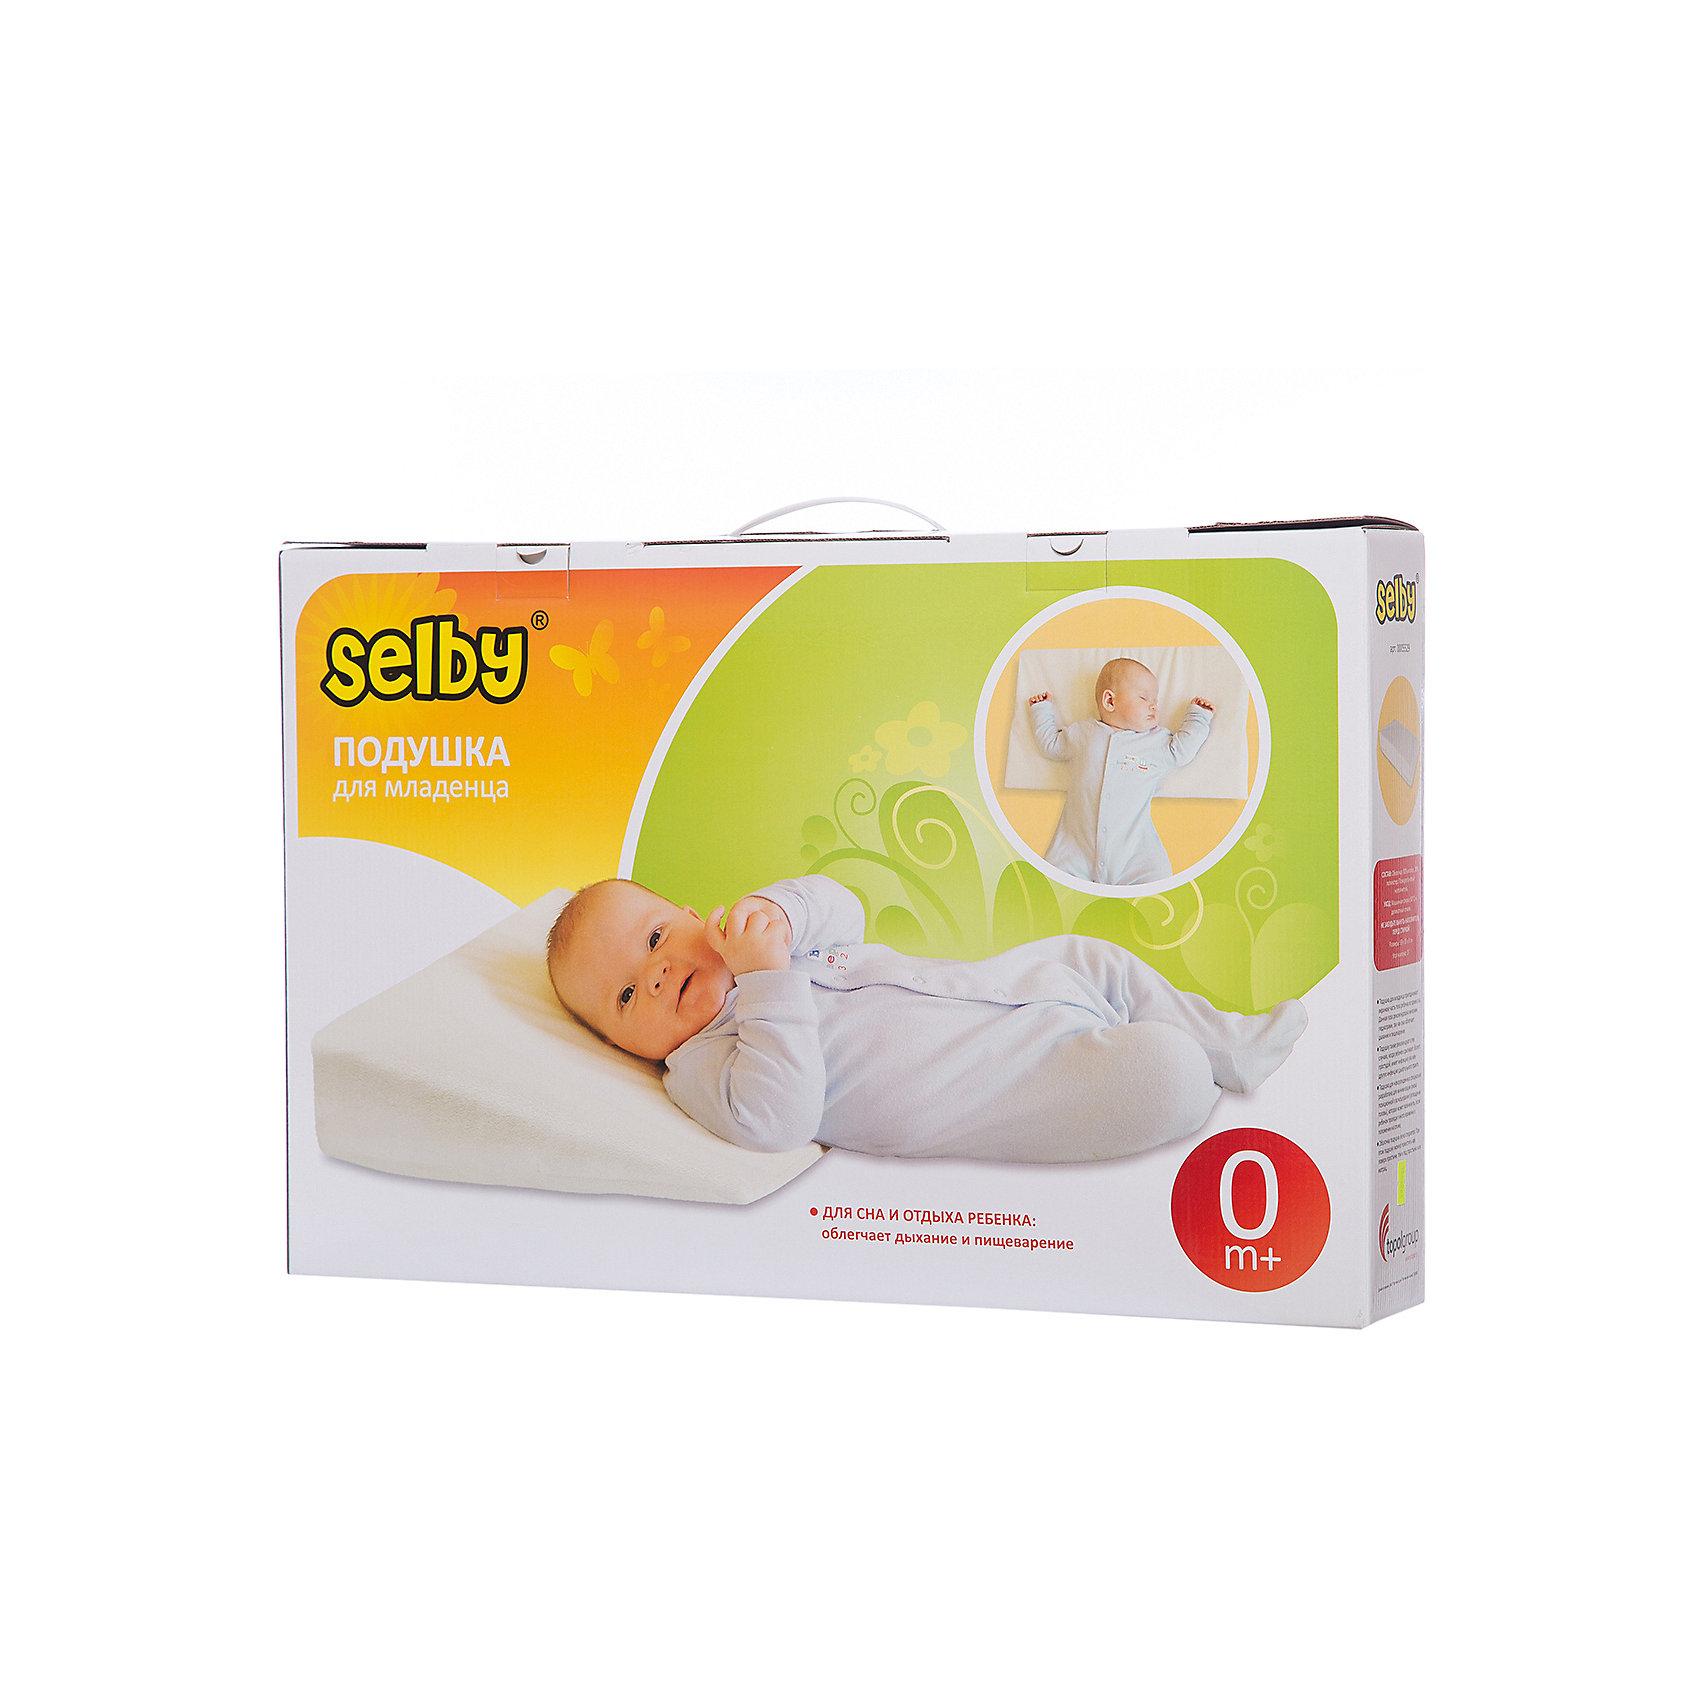 Подушка для младенцаПолноценный и здоровый сон нужен малышам как воздух. Необходимое количество здорового сна является условием гармоничного физического и эмоционального развития. Подушка для младенца Selby (Селби) - обеспечит здоровый безопасный сон и правильное положение шейных отделов позвоночника. Во время сна улучшается кровоснабжение тканей и активизируется насыщение мозга кислородом. Поэтому чрезвычайно важно организовать спальное место малыша так, чтобы его сон приносил ему только пользу и хорошие сны. Подушка Selby (Селби) для младенца,  приподнимает верхнюю часть тела ребенка во время сна на 15 градусов. Именно такое положение тела рекомендовано педиатрами. Данная поза облегчает дыхание и пищеварение, а также уменьшает риск позиционной плагиоцевалии (уплощение головы). Подушку также рекомендуют в тех случаях, когда ребенок срыгивает, болеет простудой, имеет инфекцию уха или инфекцию дыхательных путей. Подушку можно размещать как поверх простыни, так и под простыню или матрац. Оболочка подушки легко стирается, что позволит Вам без труда сохранять ее чистой.<br><br>Дополнительная информация:<br><br>- Идеальна для детей с рождения;<br>- Материал: Верх: 80% хлопок, 20% полиэстер, наполнитель: полиуретан;<br>- Уход: машинная стирка (60 градусов) и деликатный отжим;<br>- Размер подушки: 59 x 35 x 9 см; <br>- Размер упаковки: 57 х 37 х 9,5 см; <br>- Угол наклона: 15 градусов;<br>- Вес: 0,4 кг;<br><br>Подушку для младенца можно купить в нашем интернет-магазине.<br><br>Ширина мм: 95<br>Глубина мм: 570<br>Высота мм: 370<br>Вес г: 1000<br>Возраст от месяцев: 0<br>Возраст до месяцев: 36<br>Пол: Унисекс<br>Возраст: Детский<br>SKU: 3805268